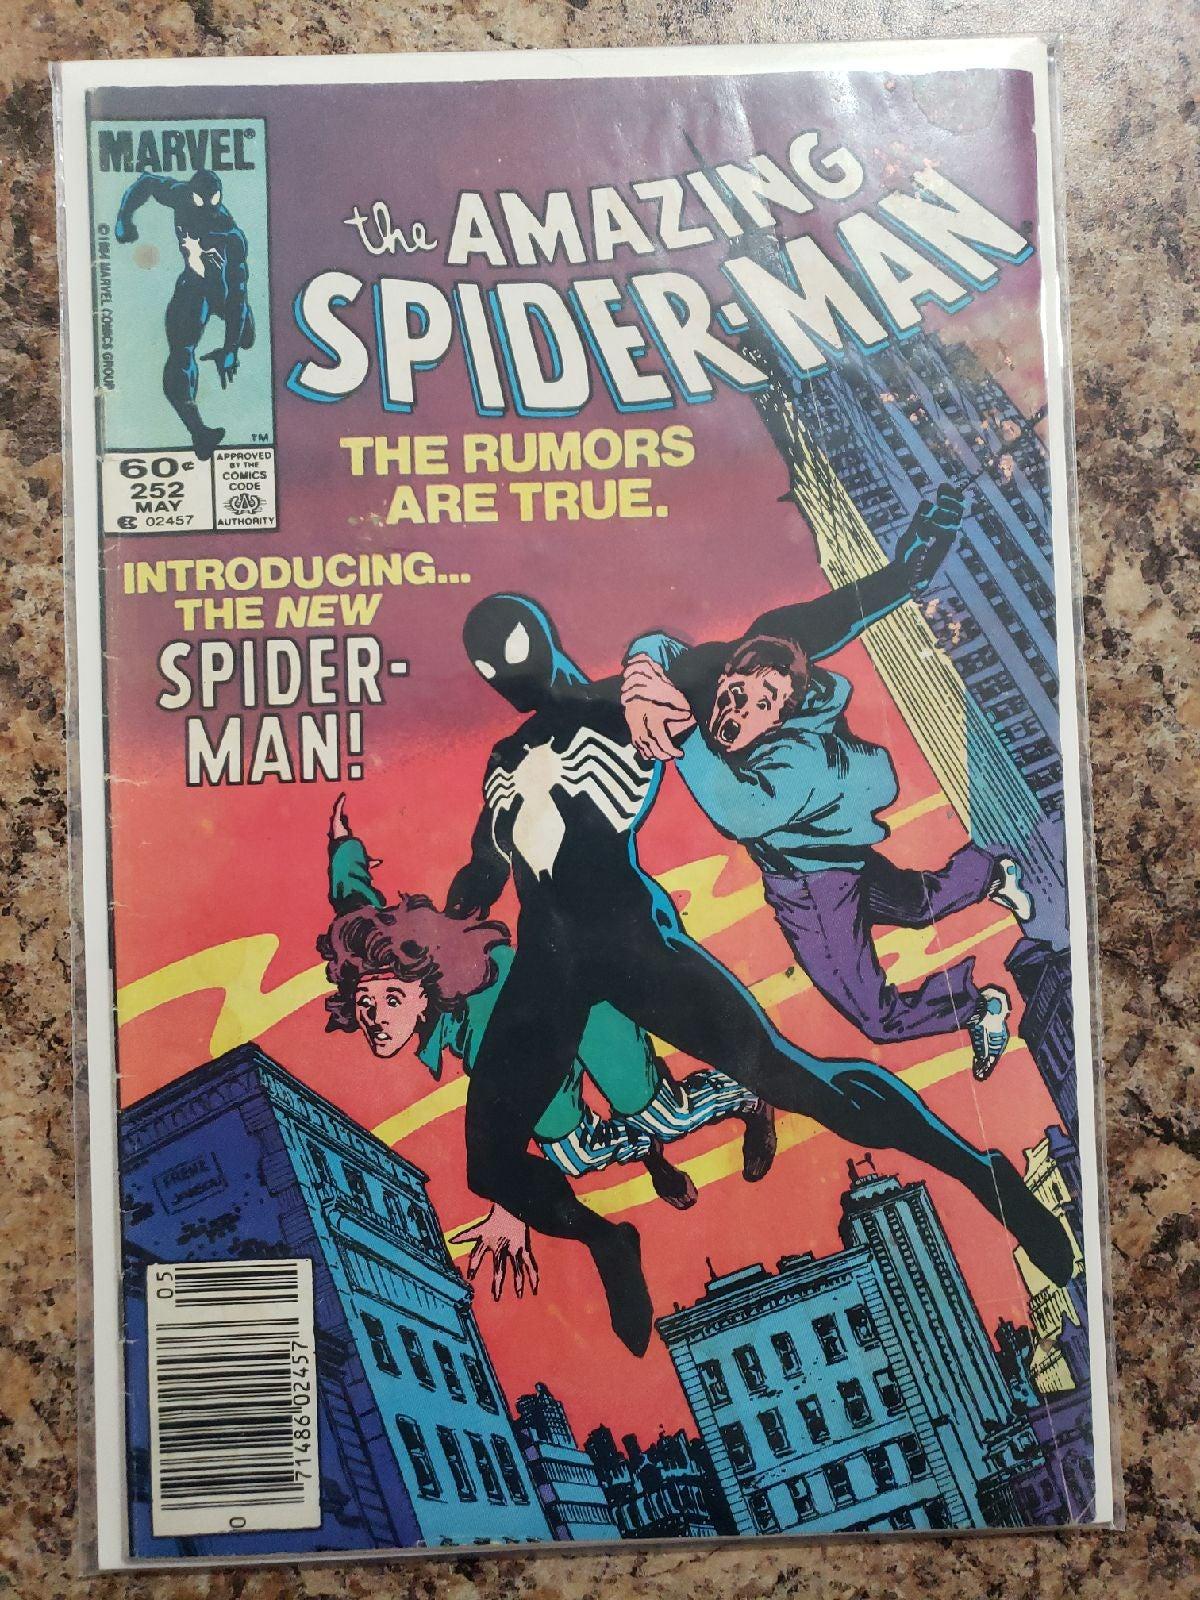 Amazing Spider-Man 252 newsstand edition